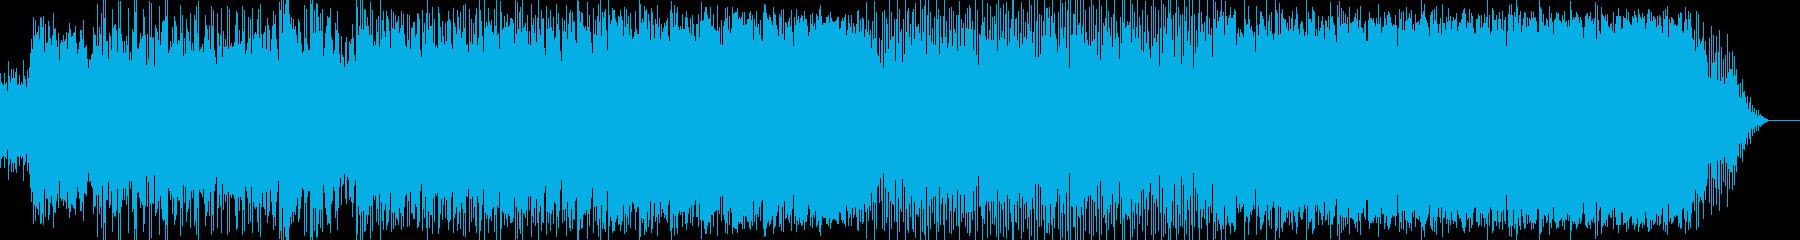 ノスタルジックで不思議な感覚のバラードの再生済みの波形